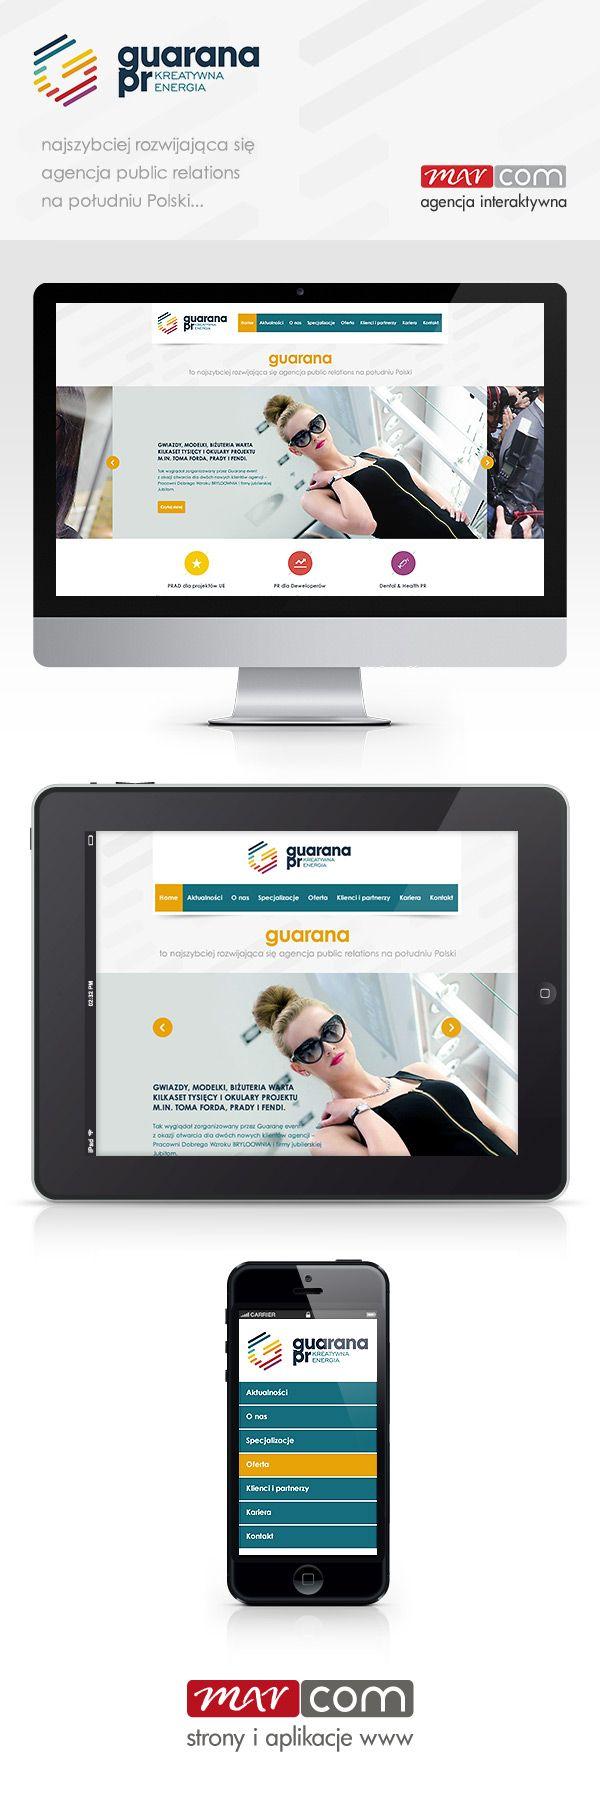 Responsywne strony internetowe - GuaranaPR Katowice - www.guaranapr.pl - realizacja Marcom Interactive,  Śląsk. / Responsive webdesign GuaranaPR Katowice by Marcom Interactive Poland #responsywnestronyinternetowe #rwd #responsivewebdesign #agencjainteraktywna